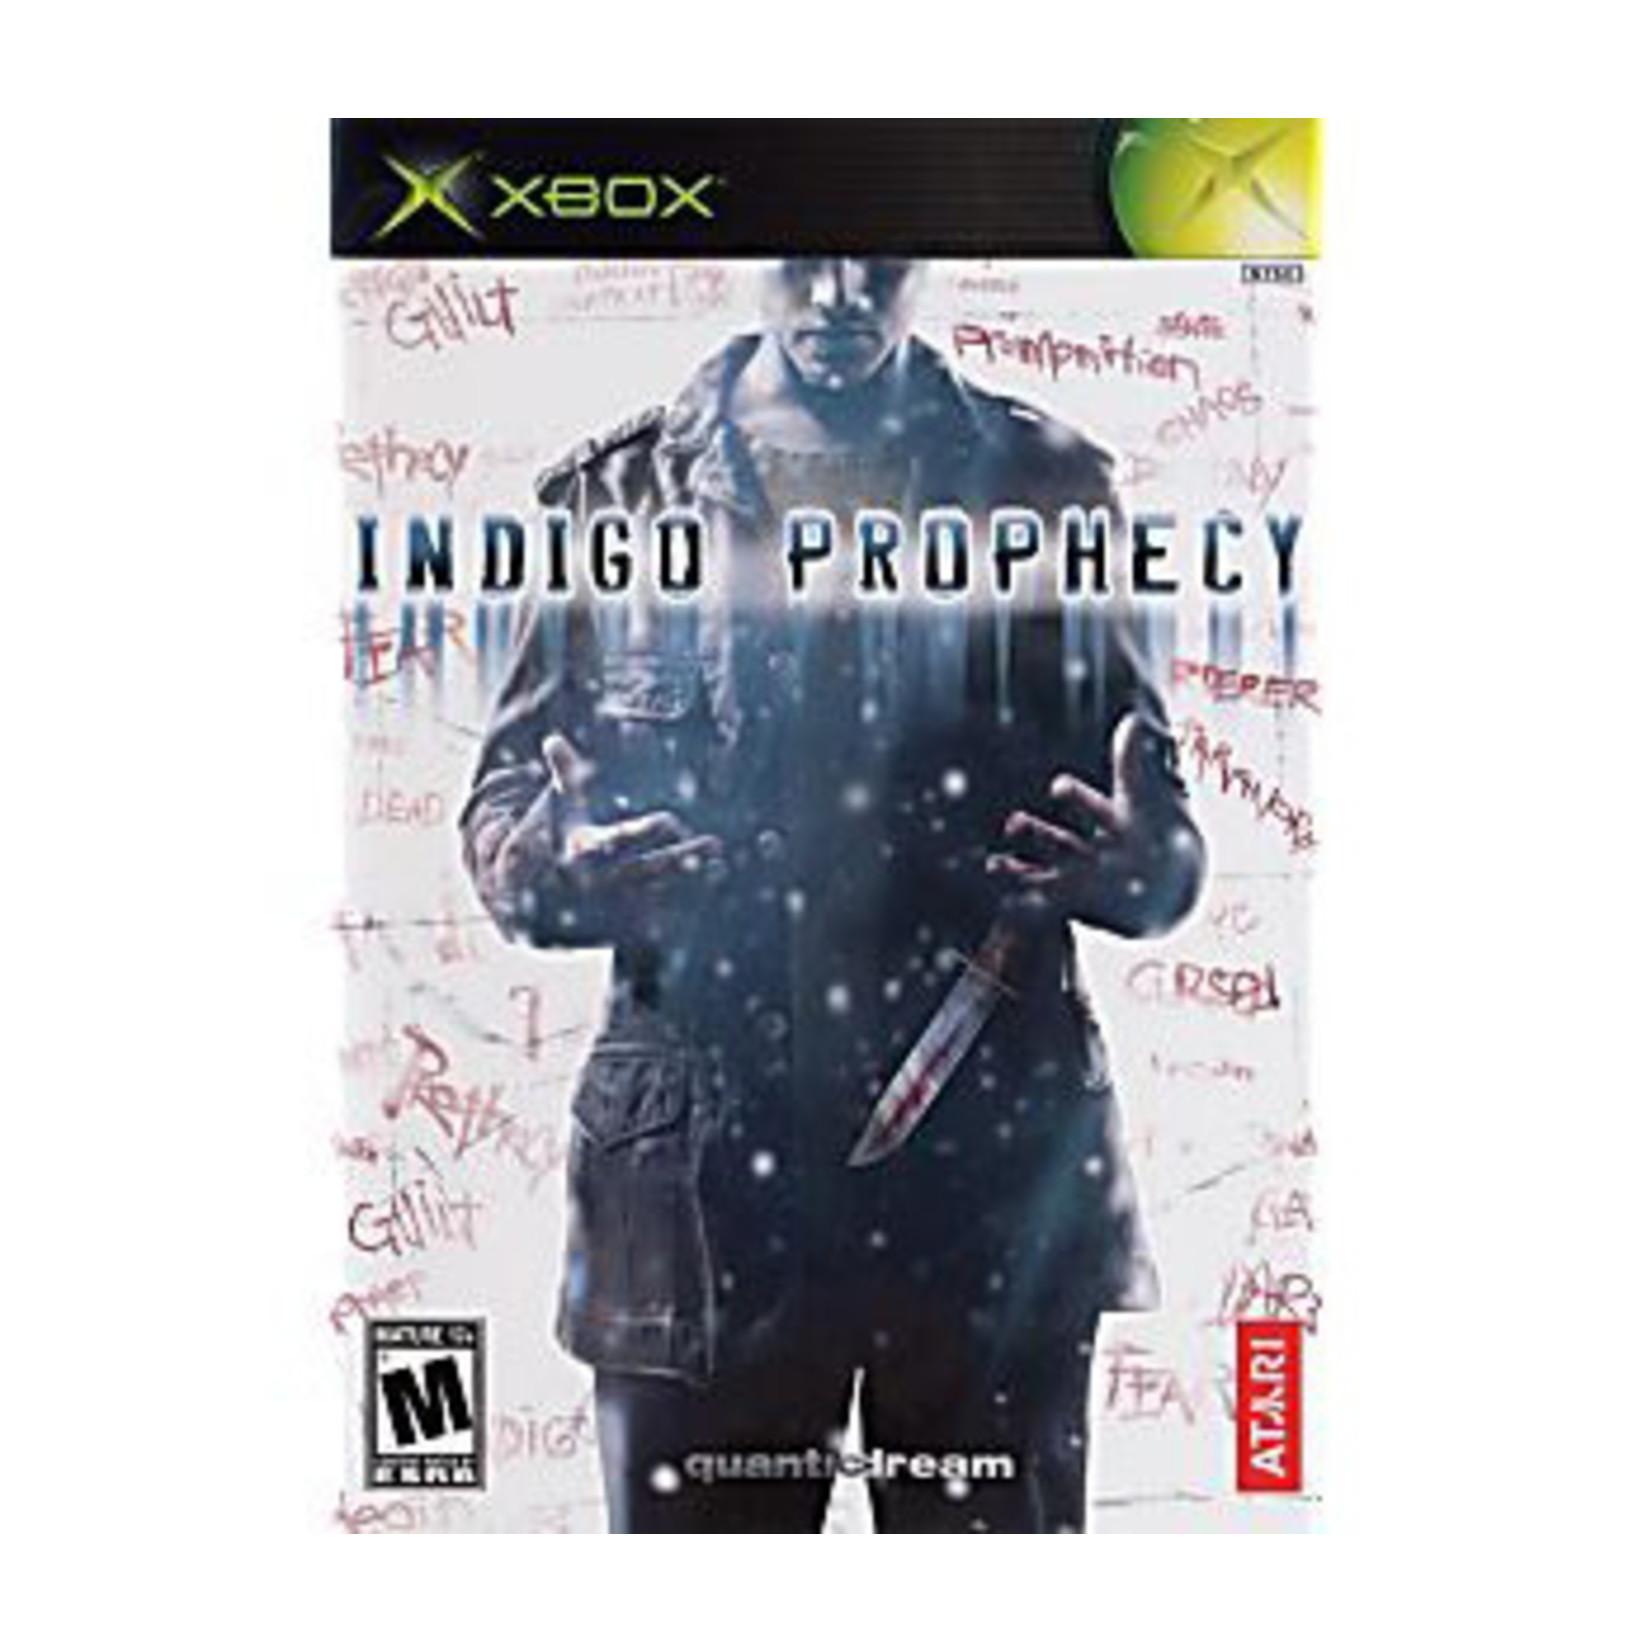 XBU-INDIGO PROPHECY